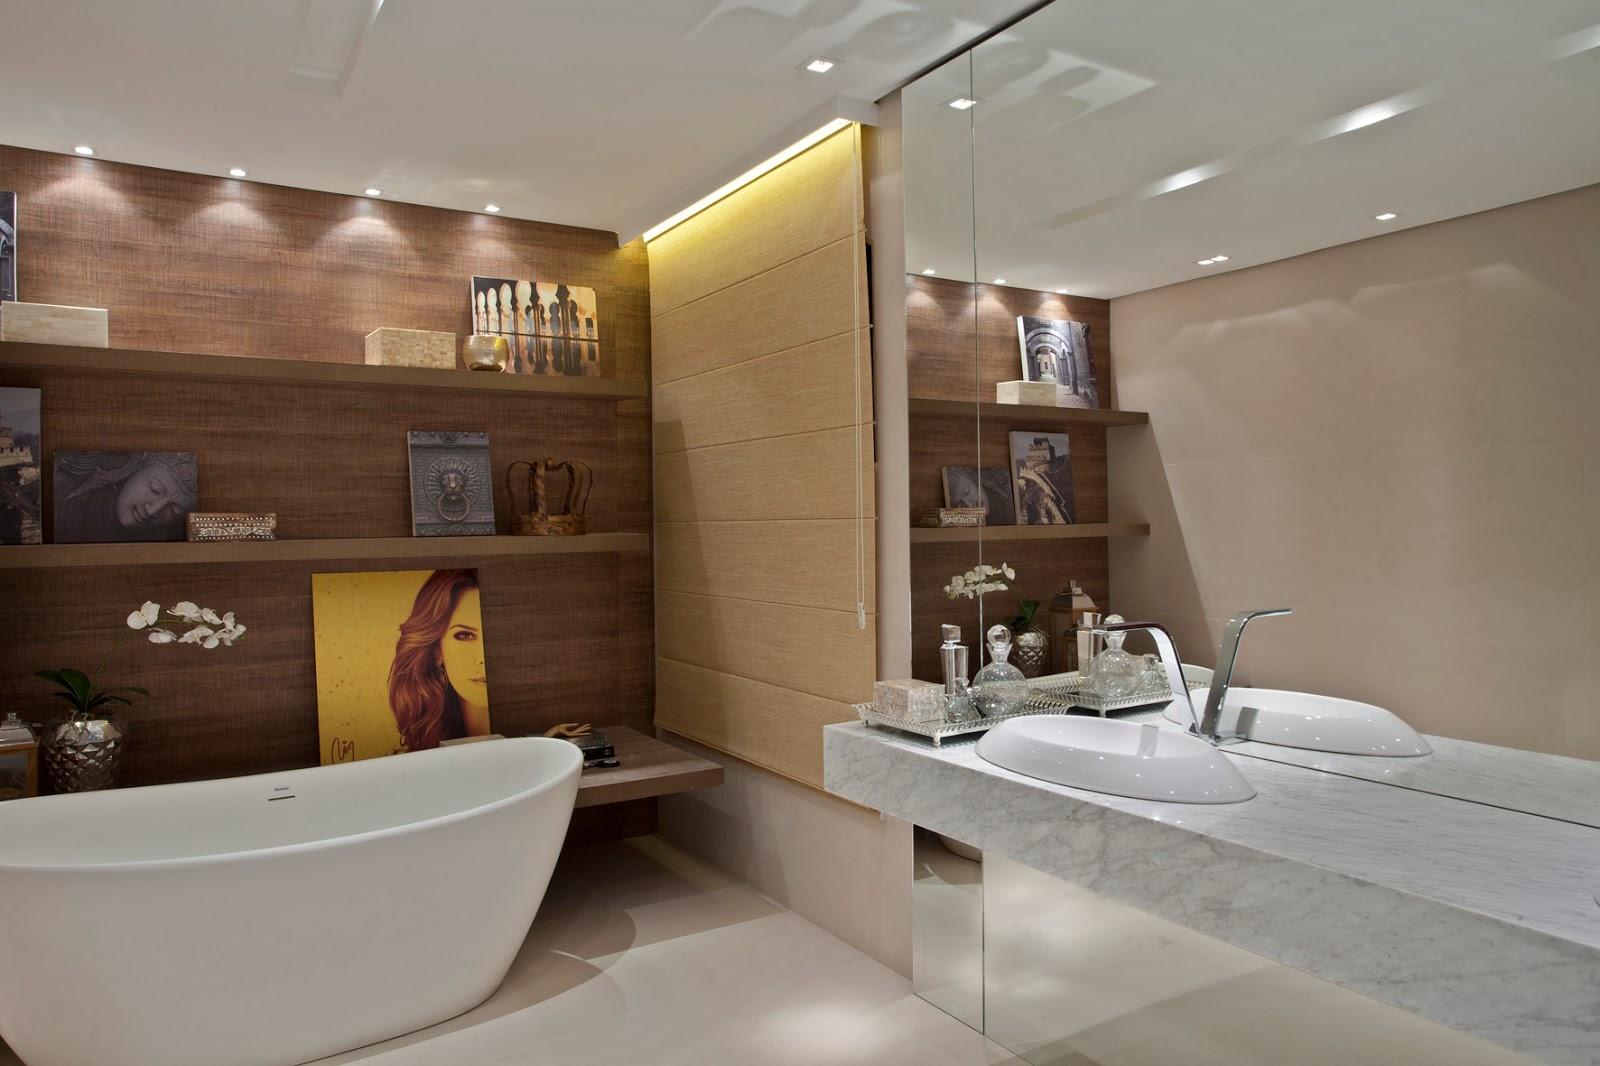 cores neutras e elementos do mundo árabe. Para a privacidade e  #997832 1600x1066 Banheiro Com Azulejo E Papel De Parede